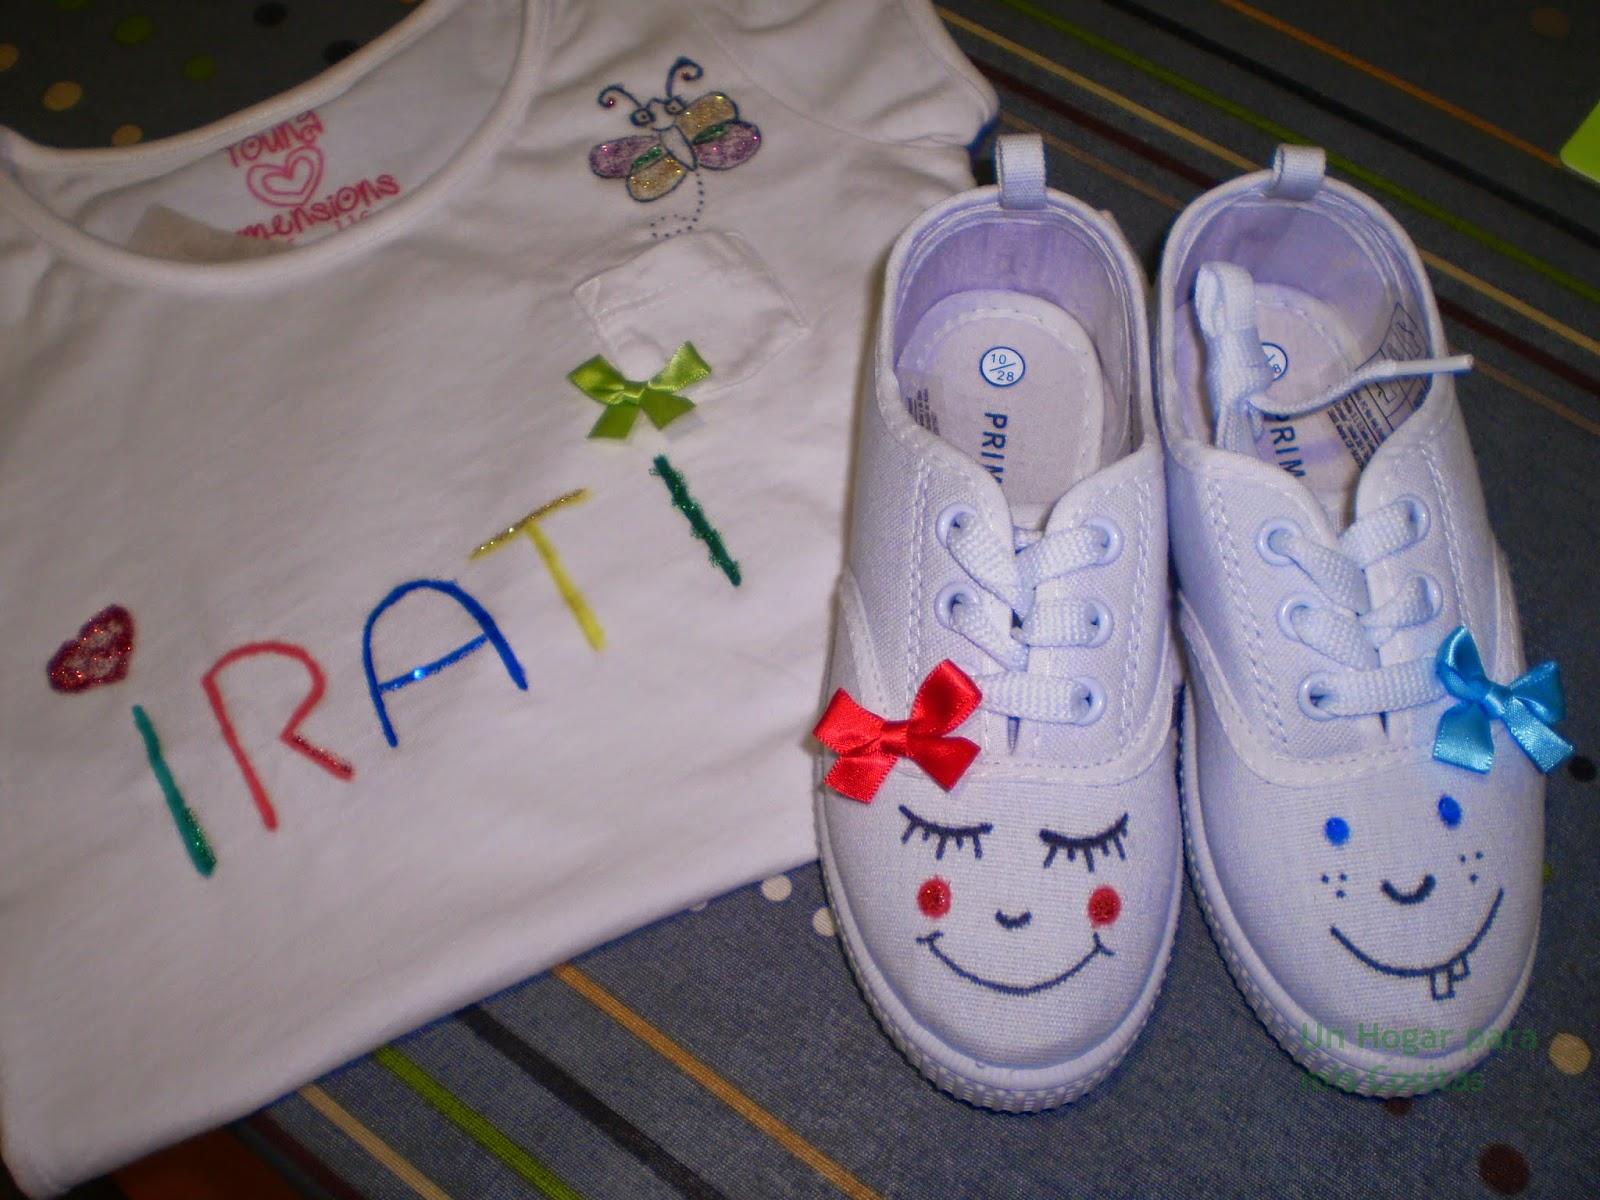 Un hogar para mis cositas diy camisetas pintadas - Pinturas para pintar camisetas ...